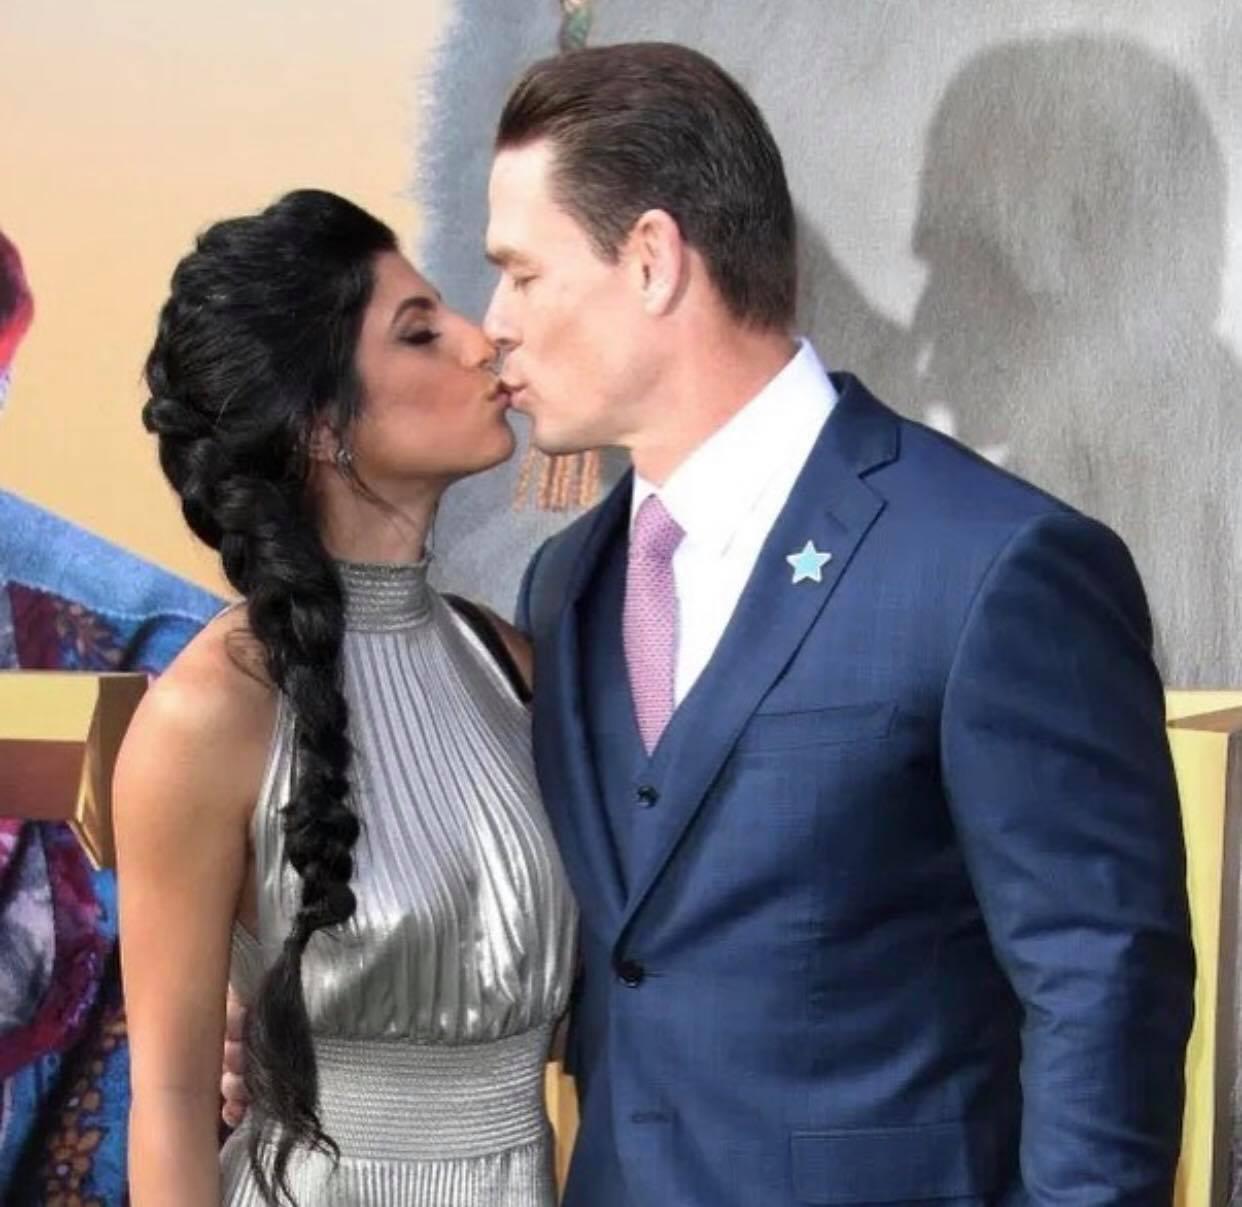 WWE legend John Cena marries in secret wedding